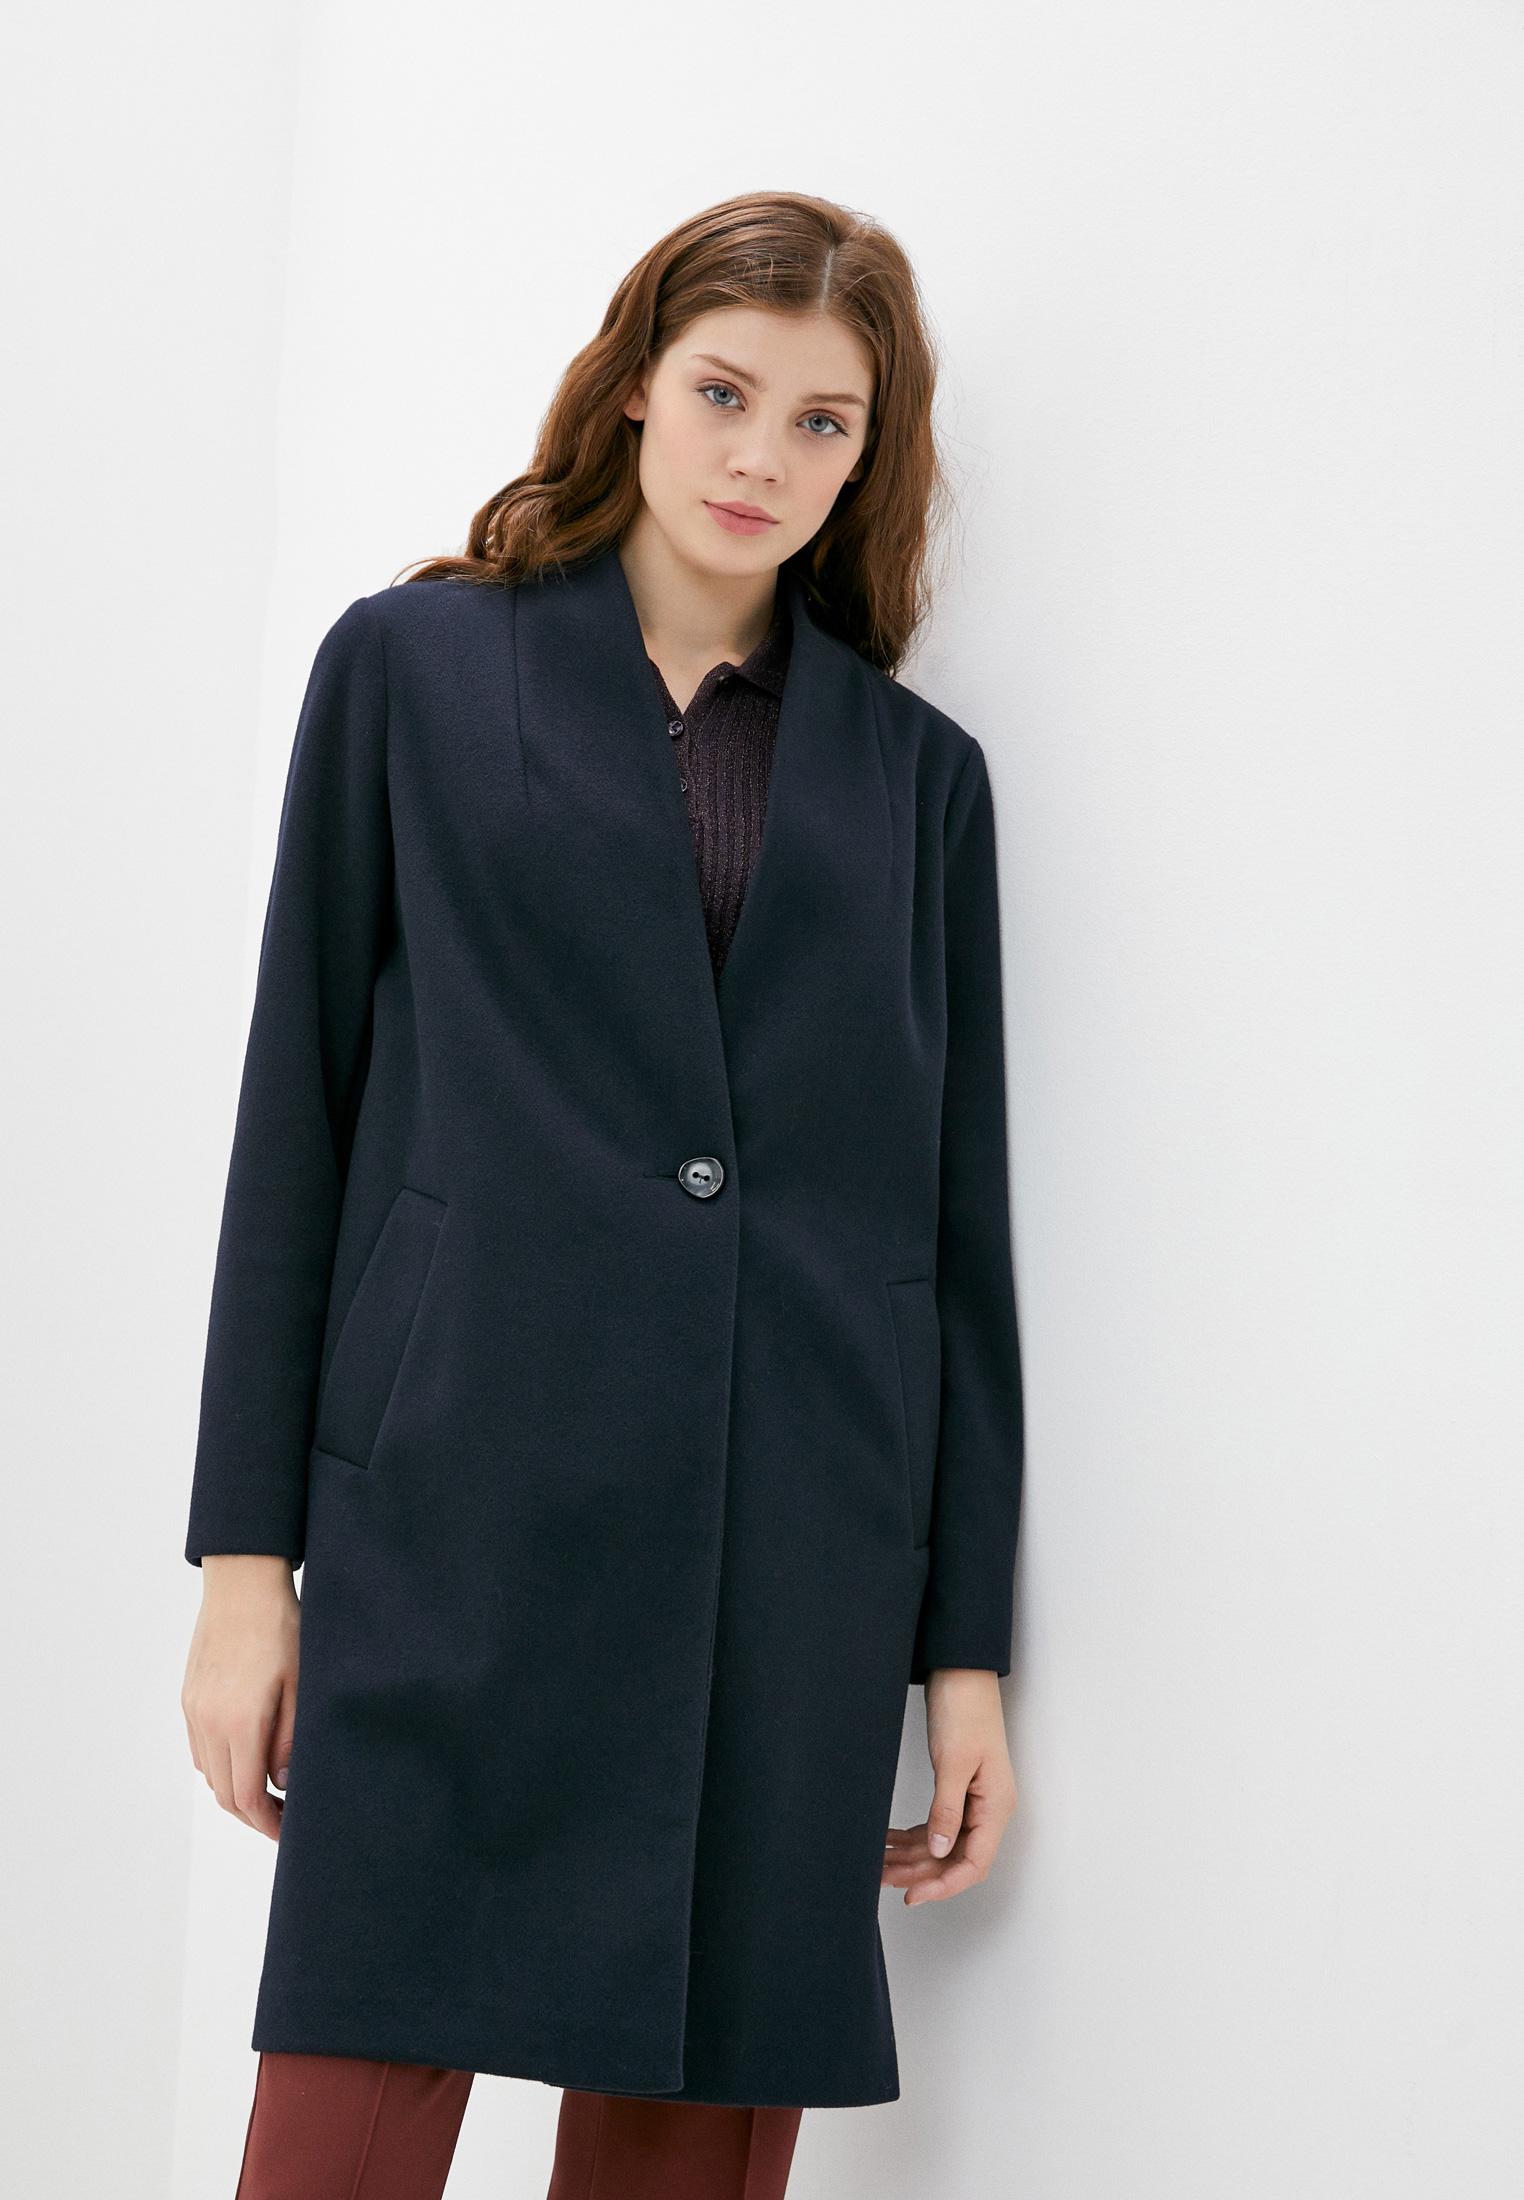 Женские пальто Dorothy Perkins (Дороти Перкинс) 98506510: изображение 2